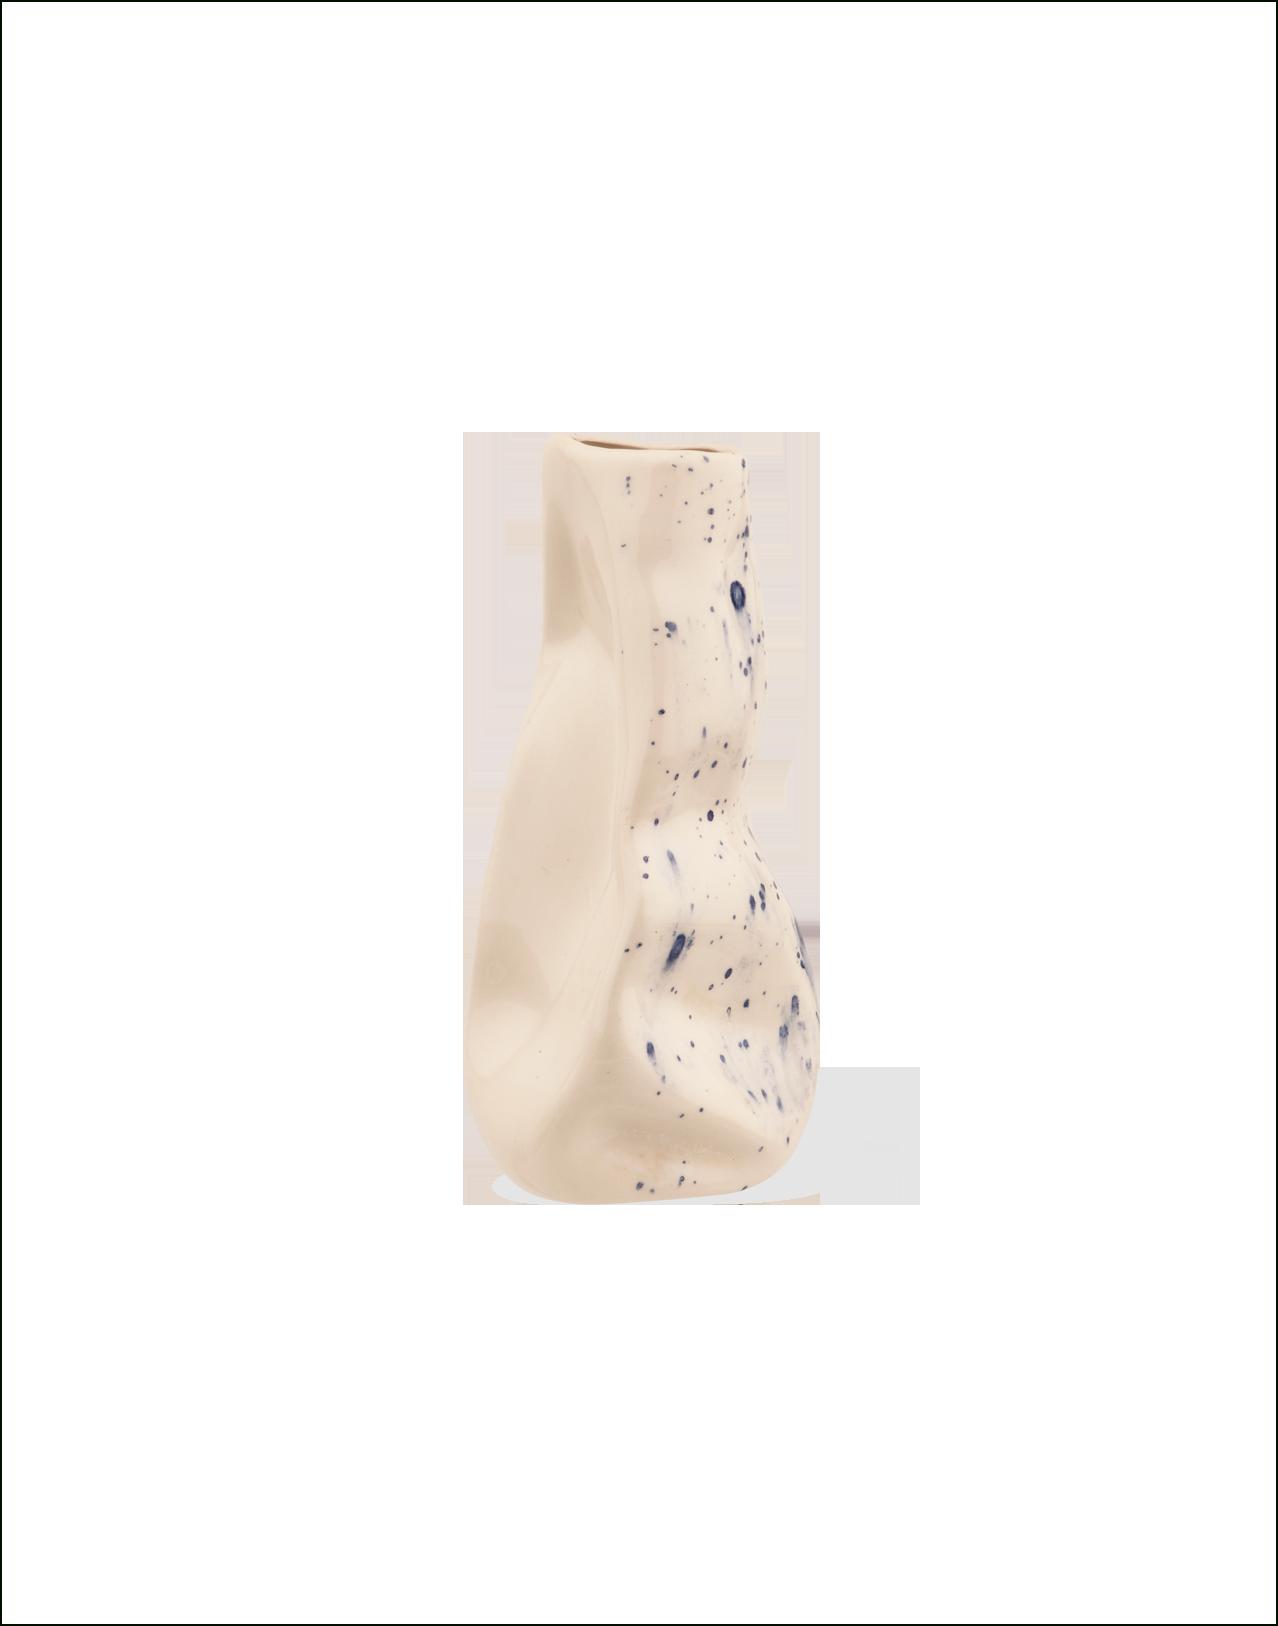 Completedworks-Ceramics-Object-15-2-1.png